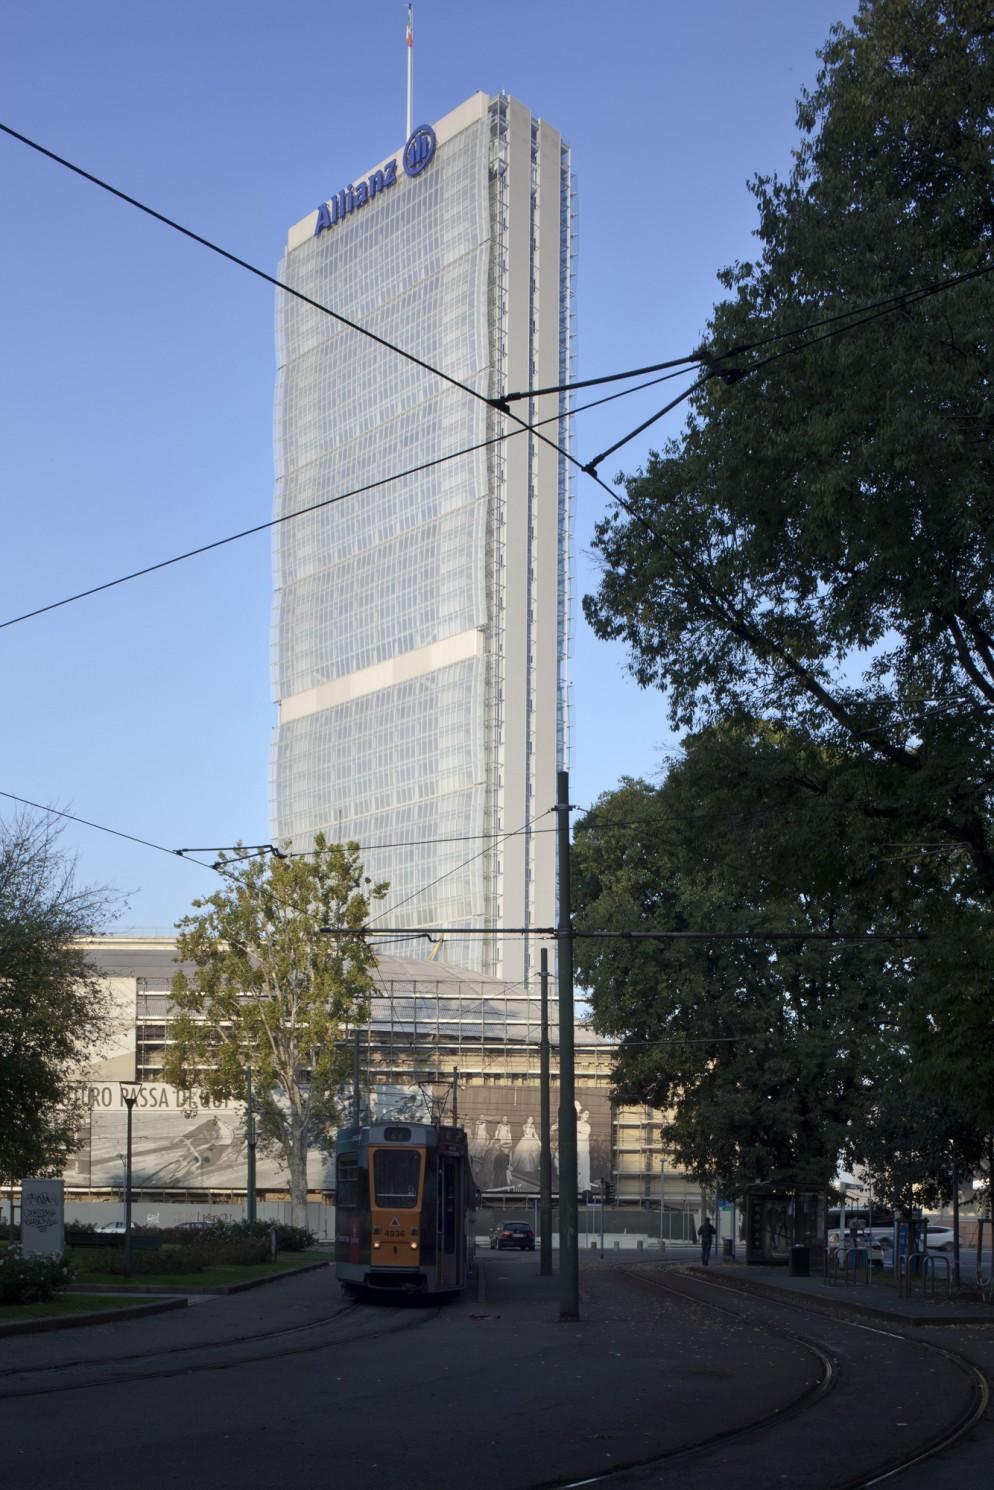 15 Grattacieli più alti del mondo_Ph Alessandra Chemollo